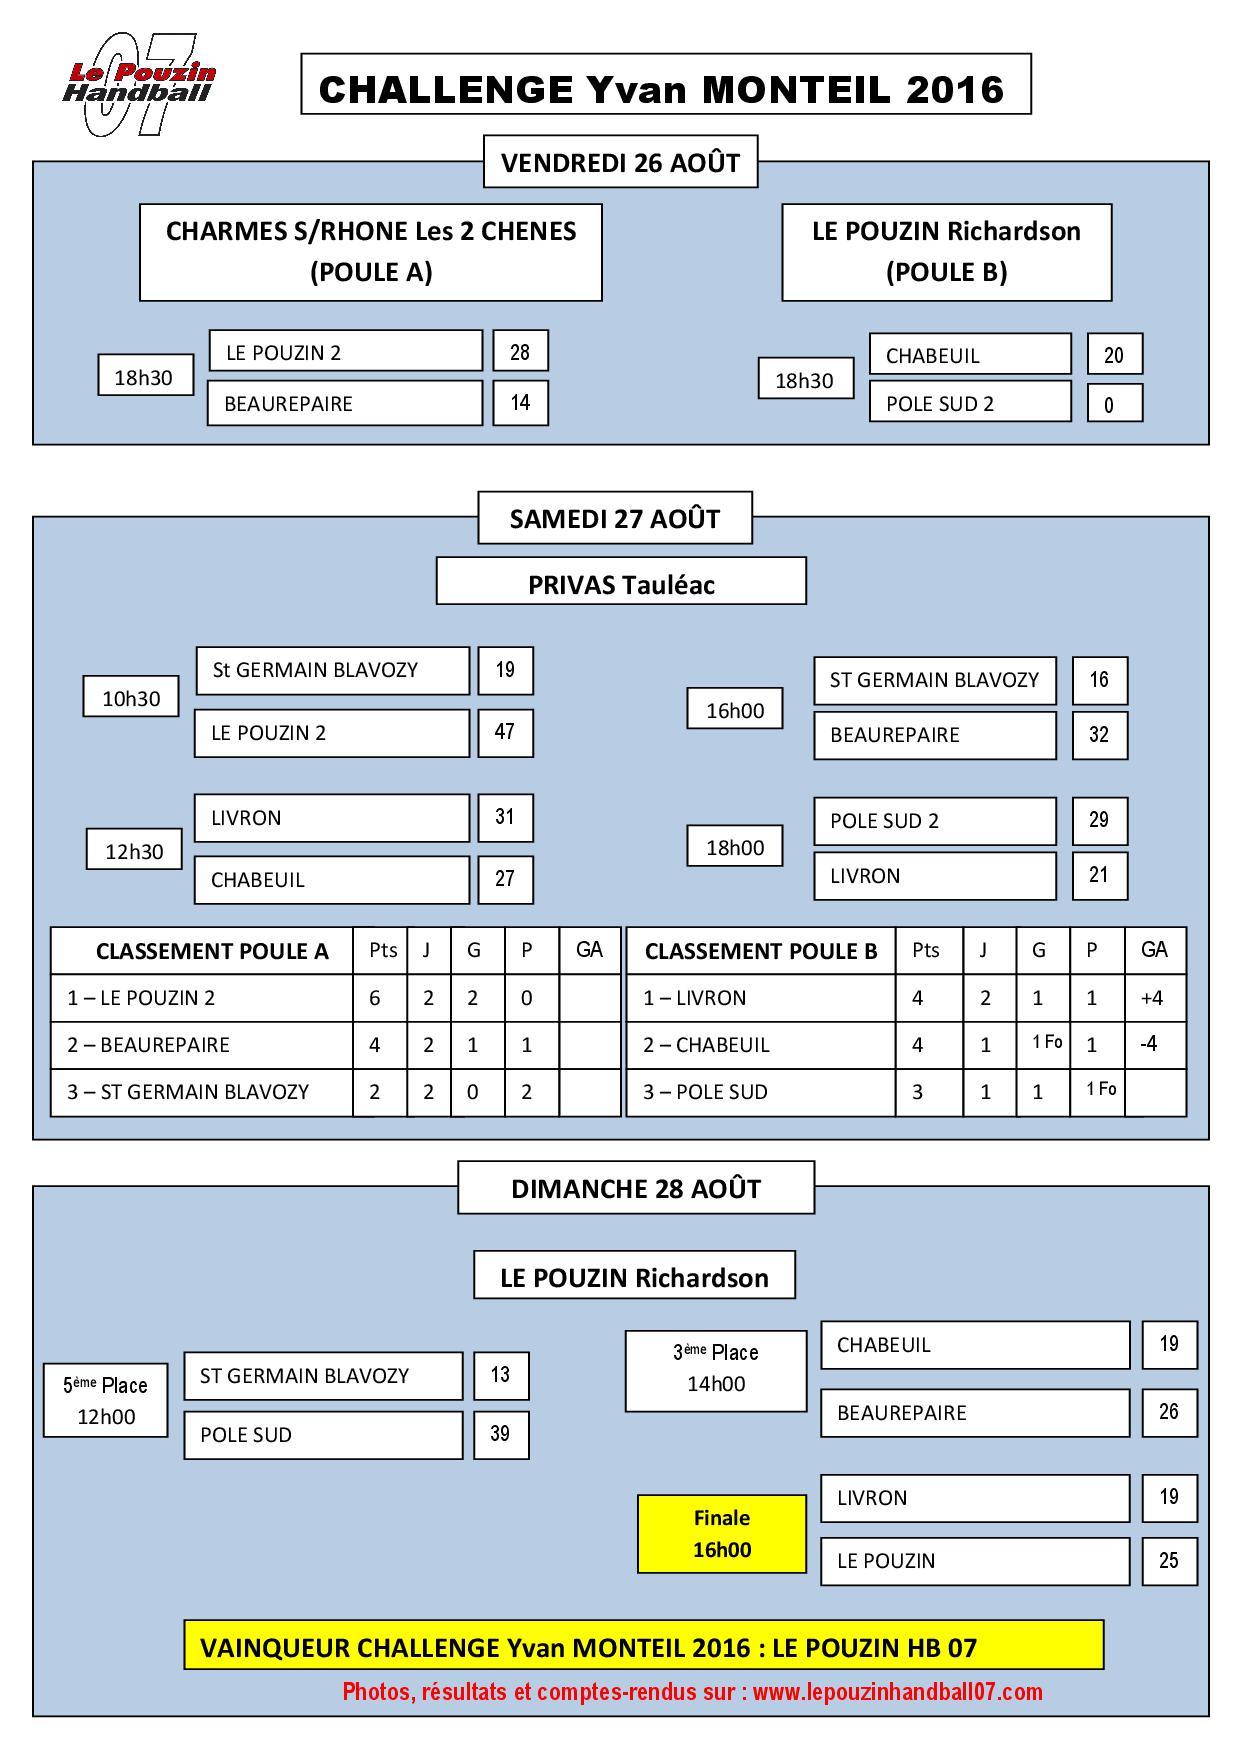 Tableau scores challenge yvan monteil 2017